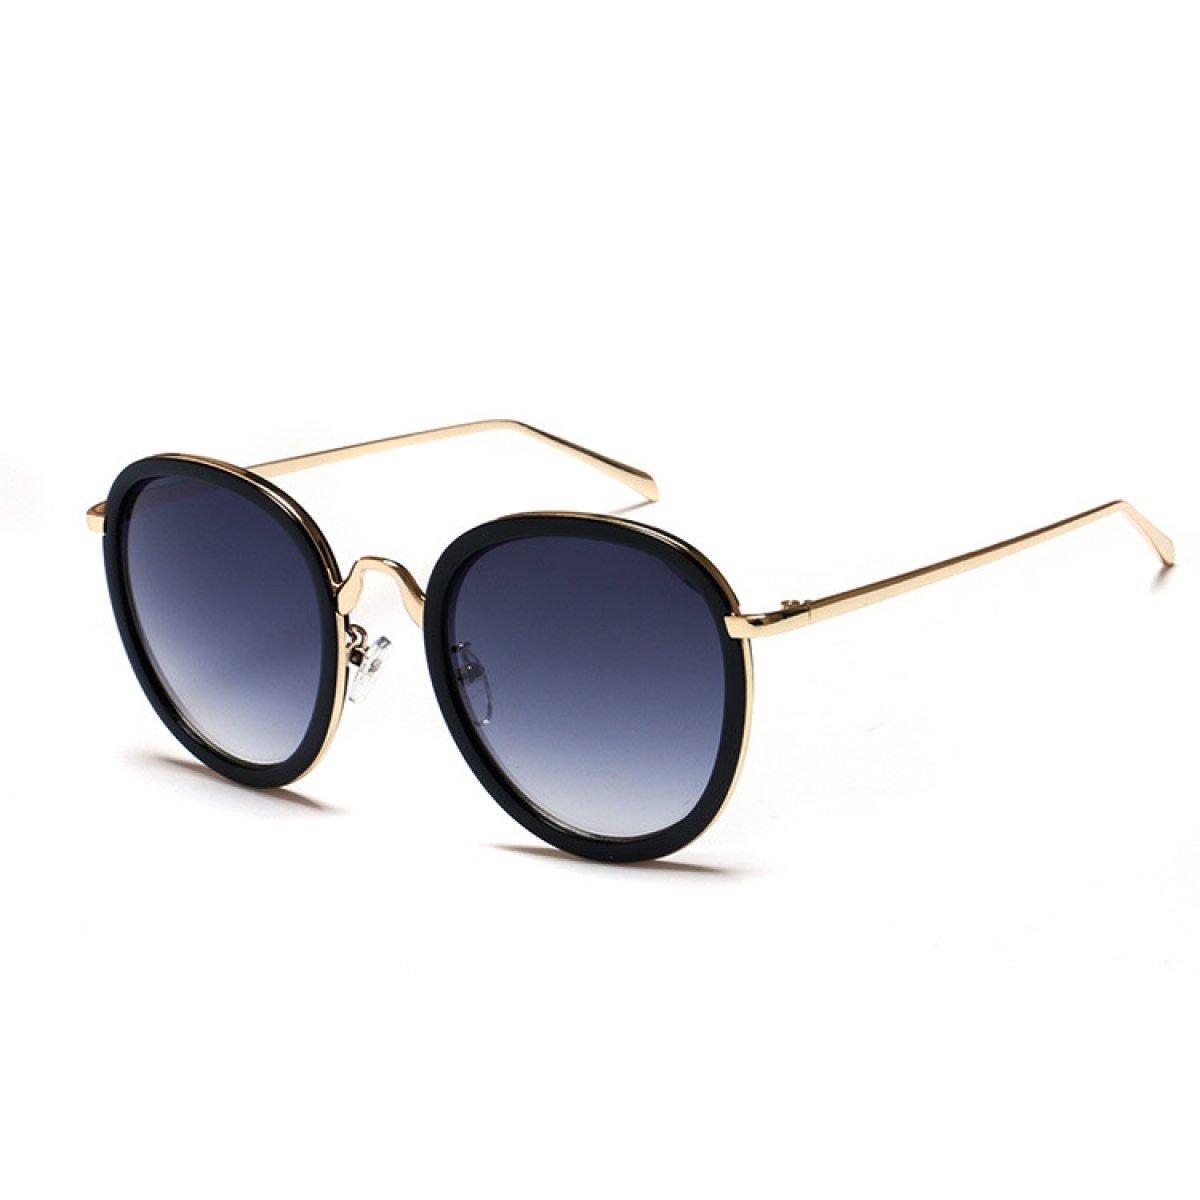 WKAIJC Retro Modisch Stilvoll Personalisiert Bequem Anspruchsvoll Kreativ Farbfilm Sonnenbrillen,E